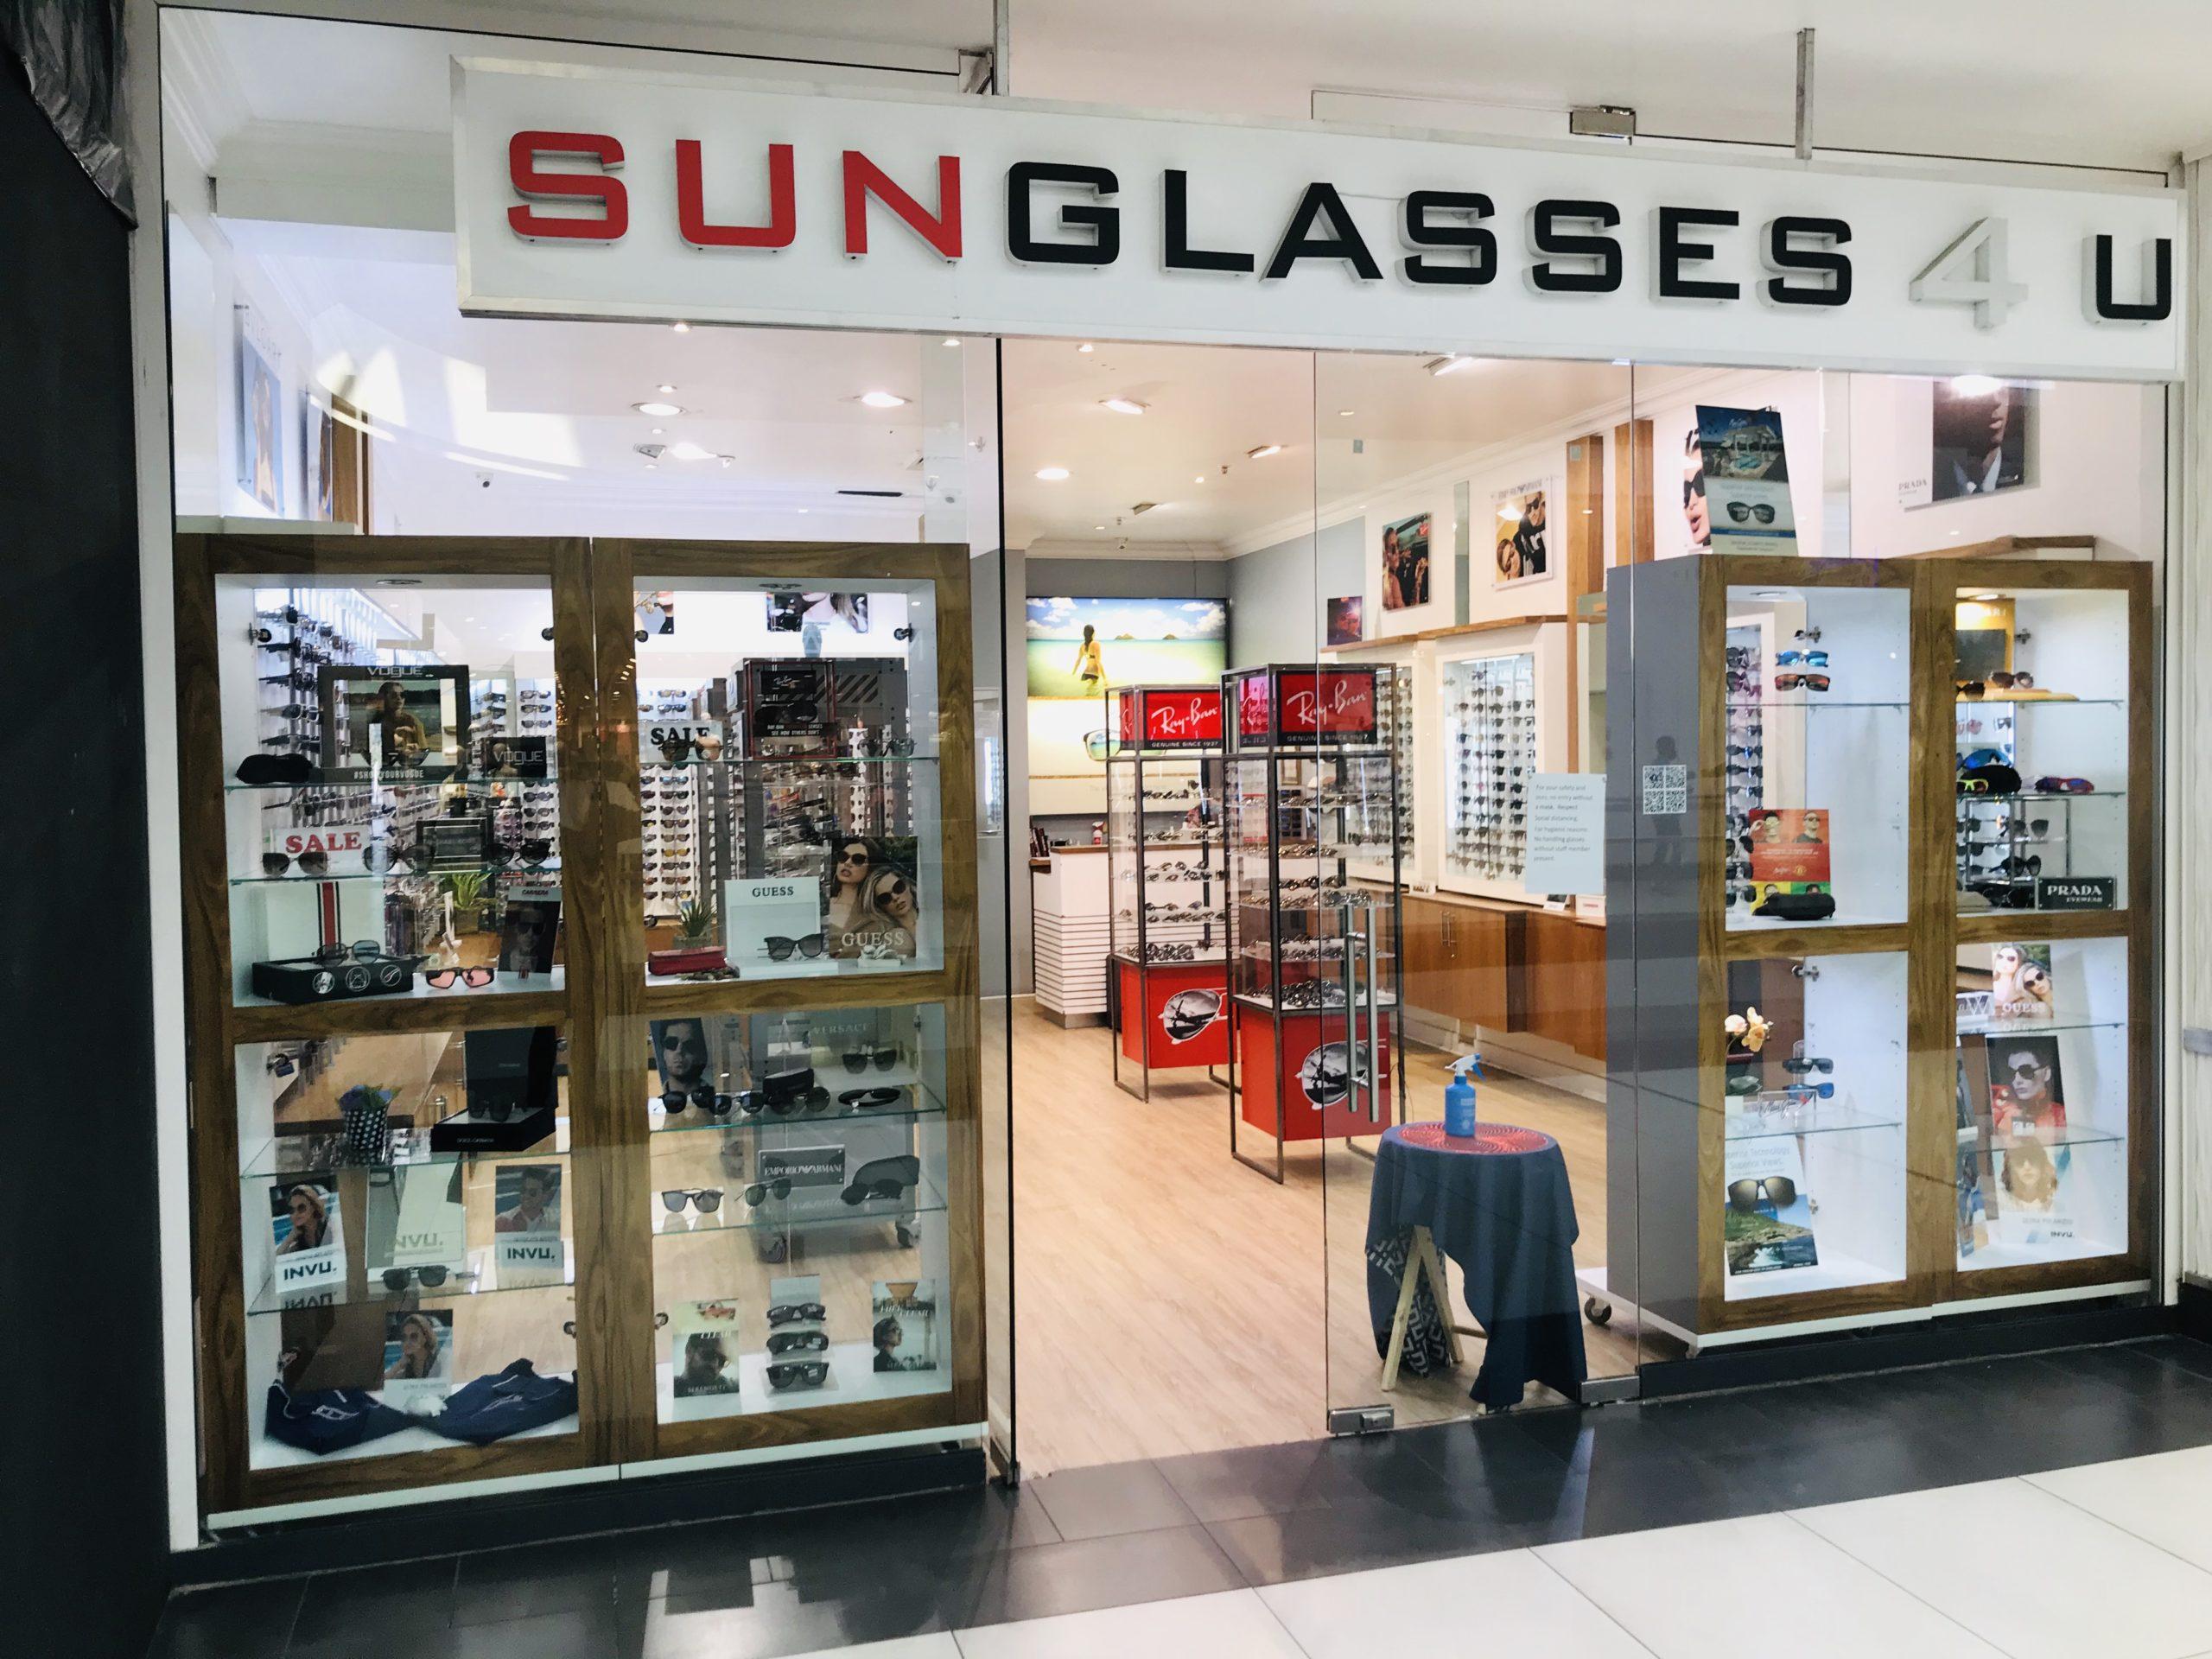 Sunglasses 4U